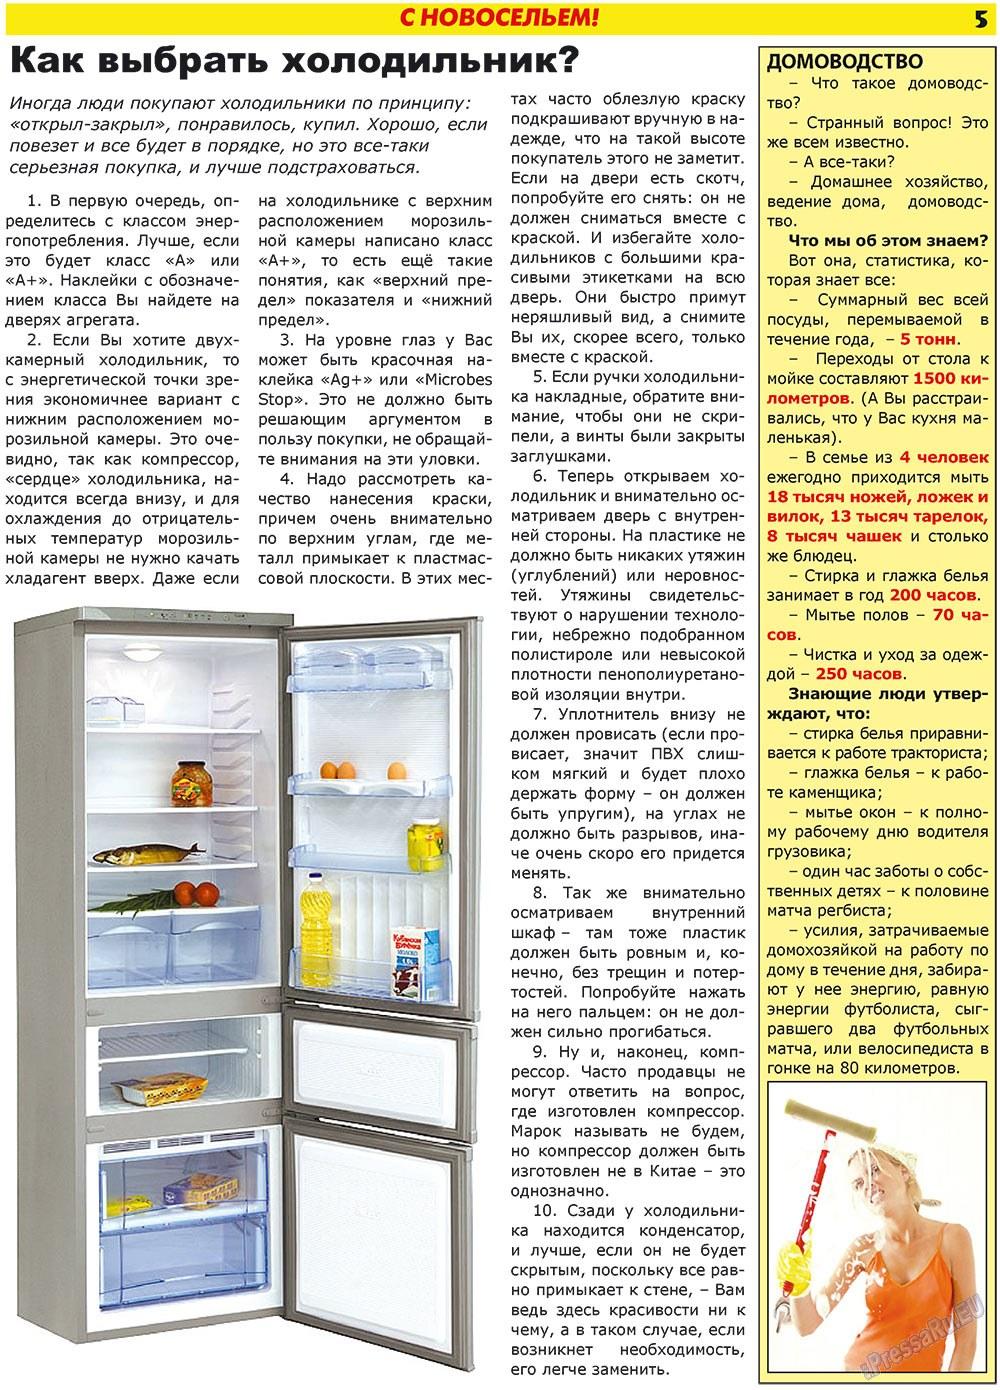 Forum Plus (газета). 2009 год, номер 1, стр. 5